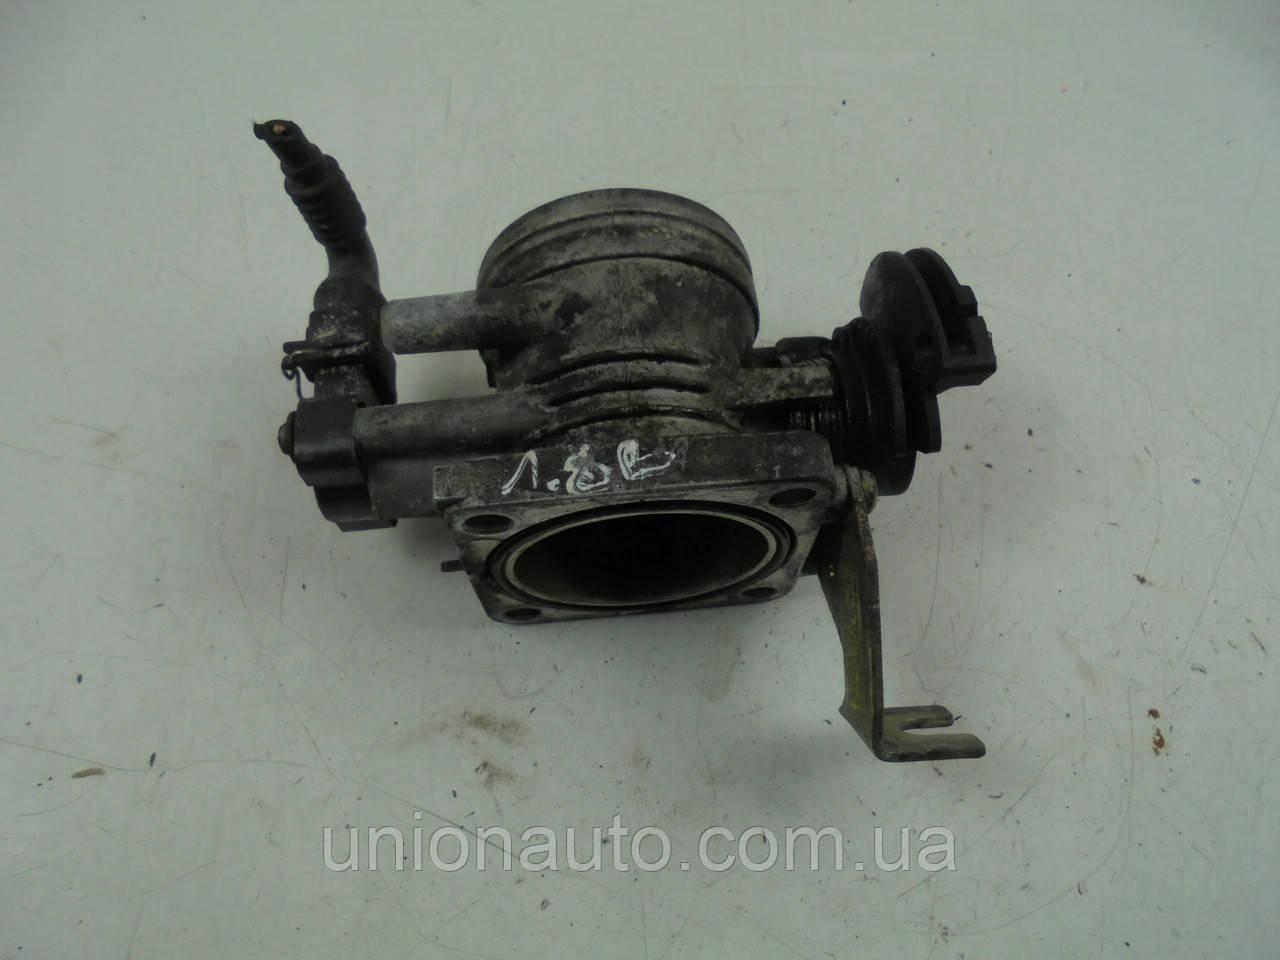 Дросельна заслінка ROVER 45 MG ZS 1.8 16V